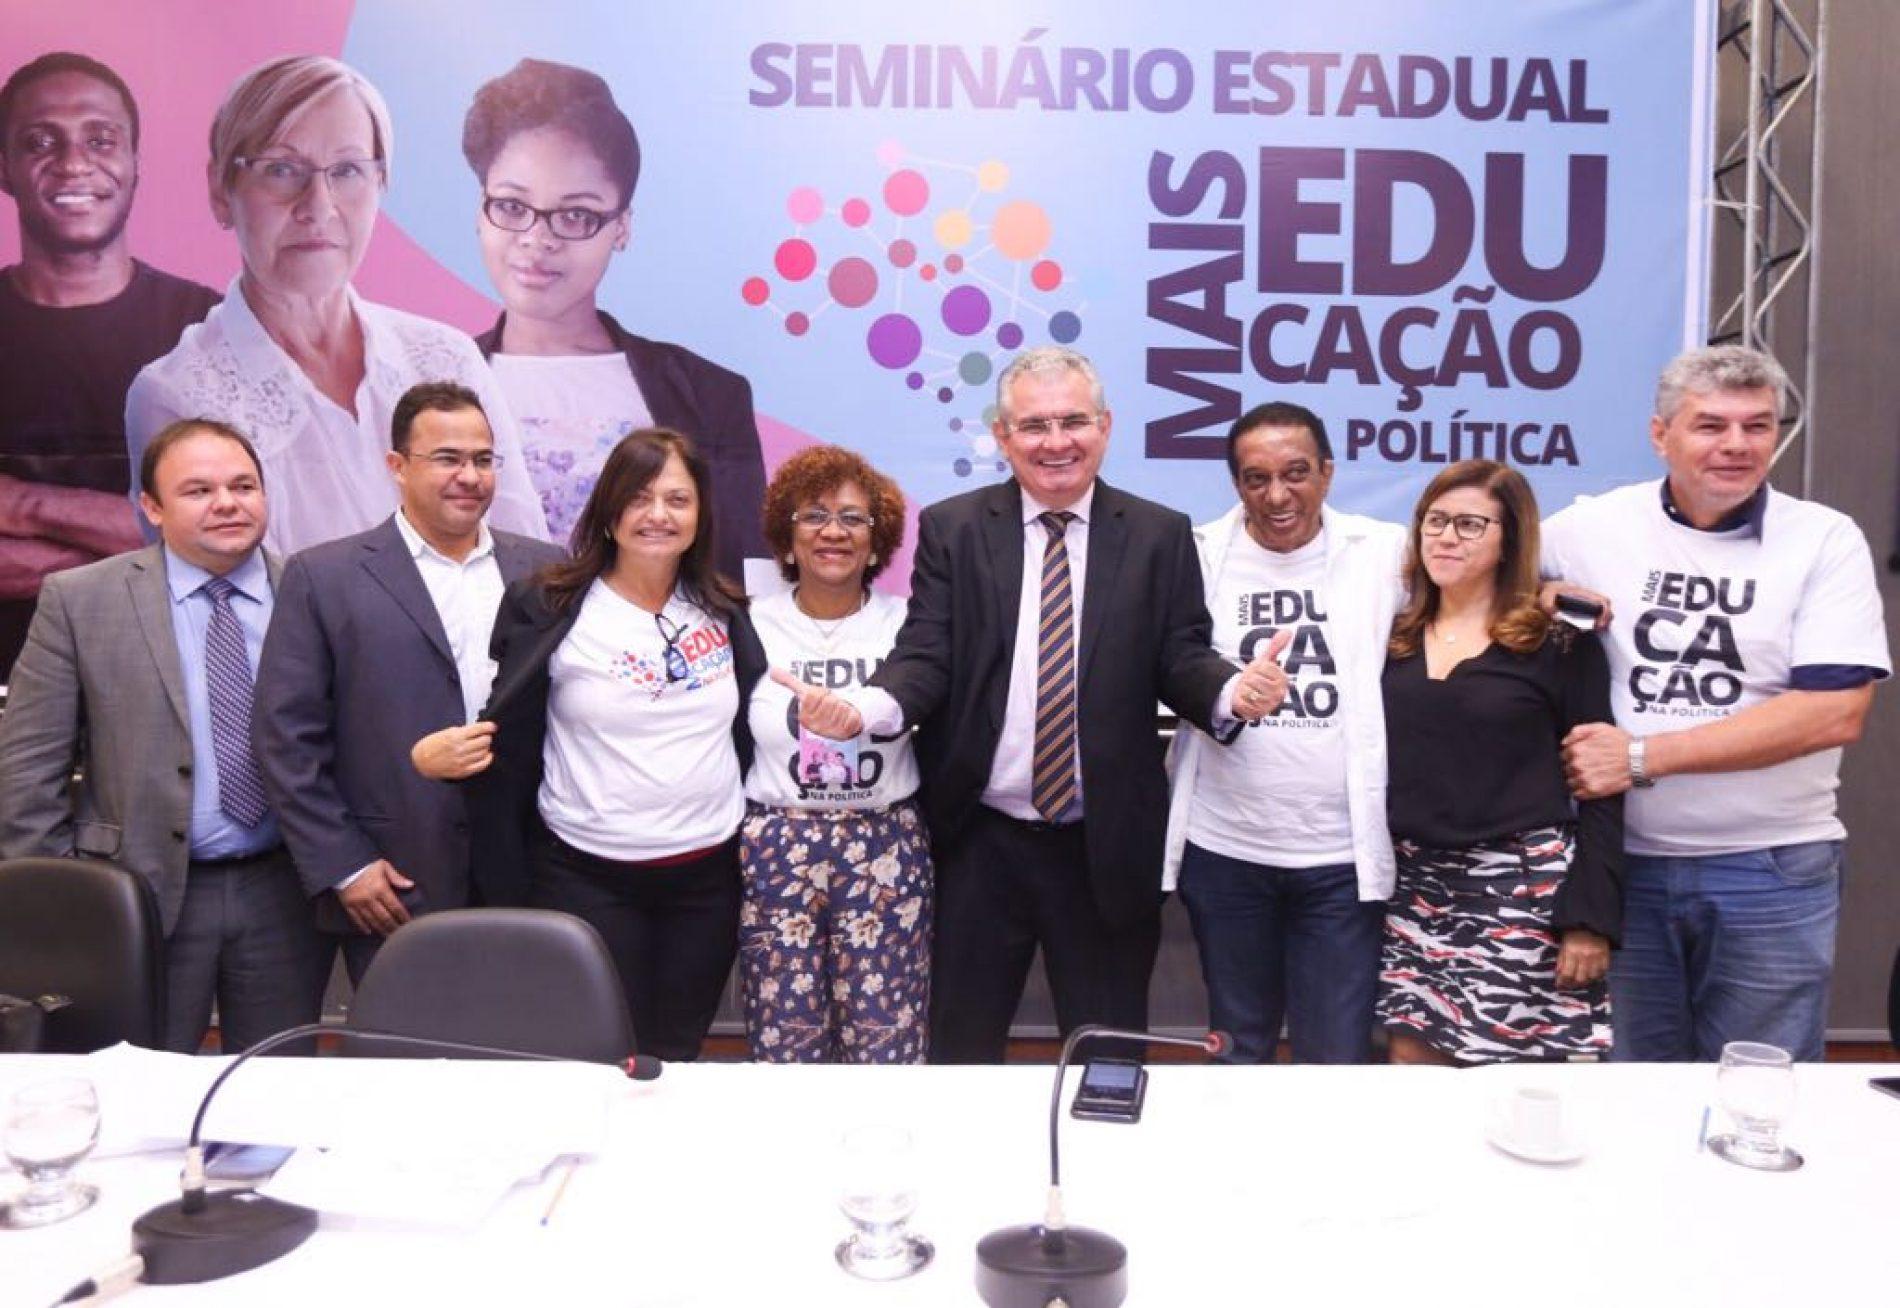 'Coronel tem um discurso afinado com a agenda dos professores', diz Alice Portugal